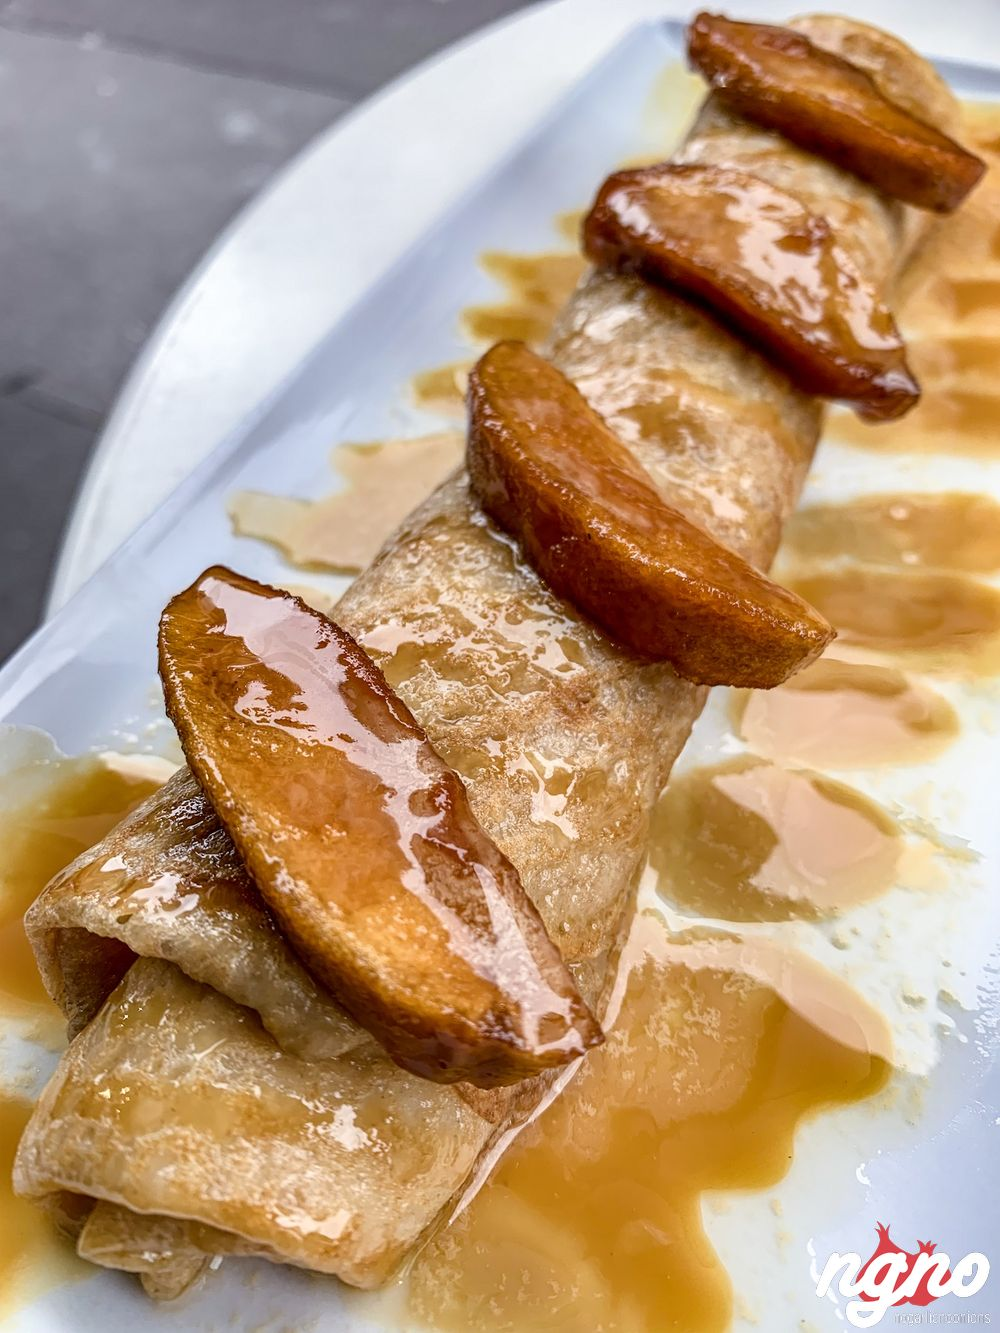 midi-12-crepe-restaurant-paris-nogarlicnoonions-162018-12-21-09-32-53